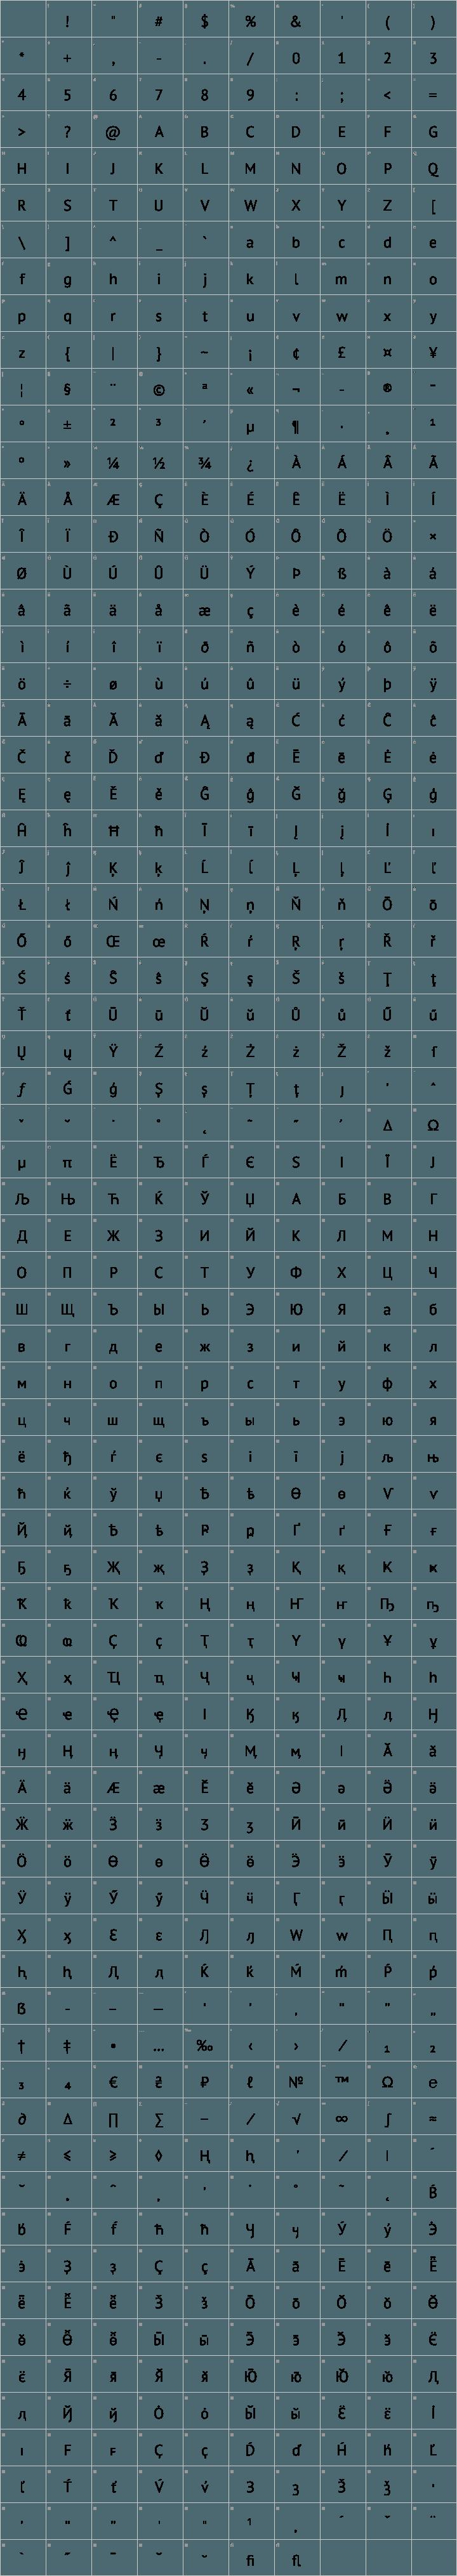 PT Sans Font Free by Paratype » Font Squirrel